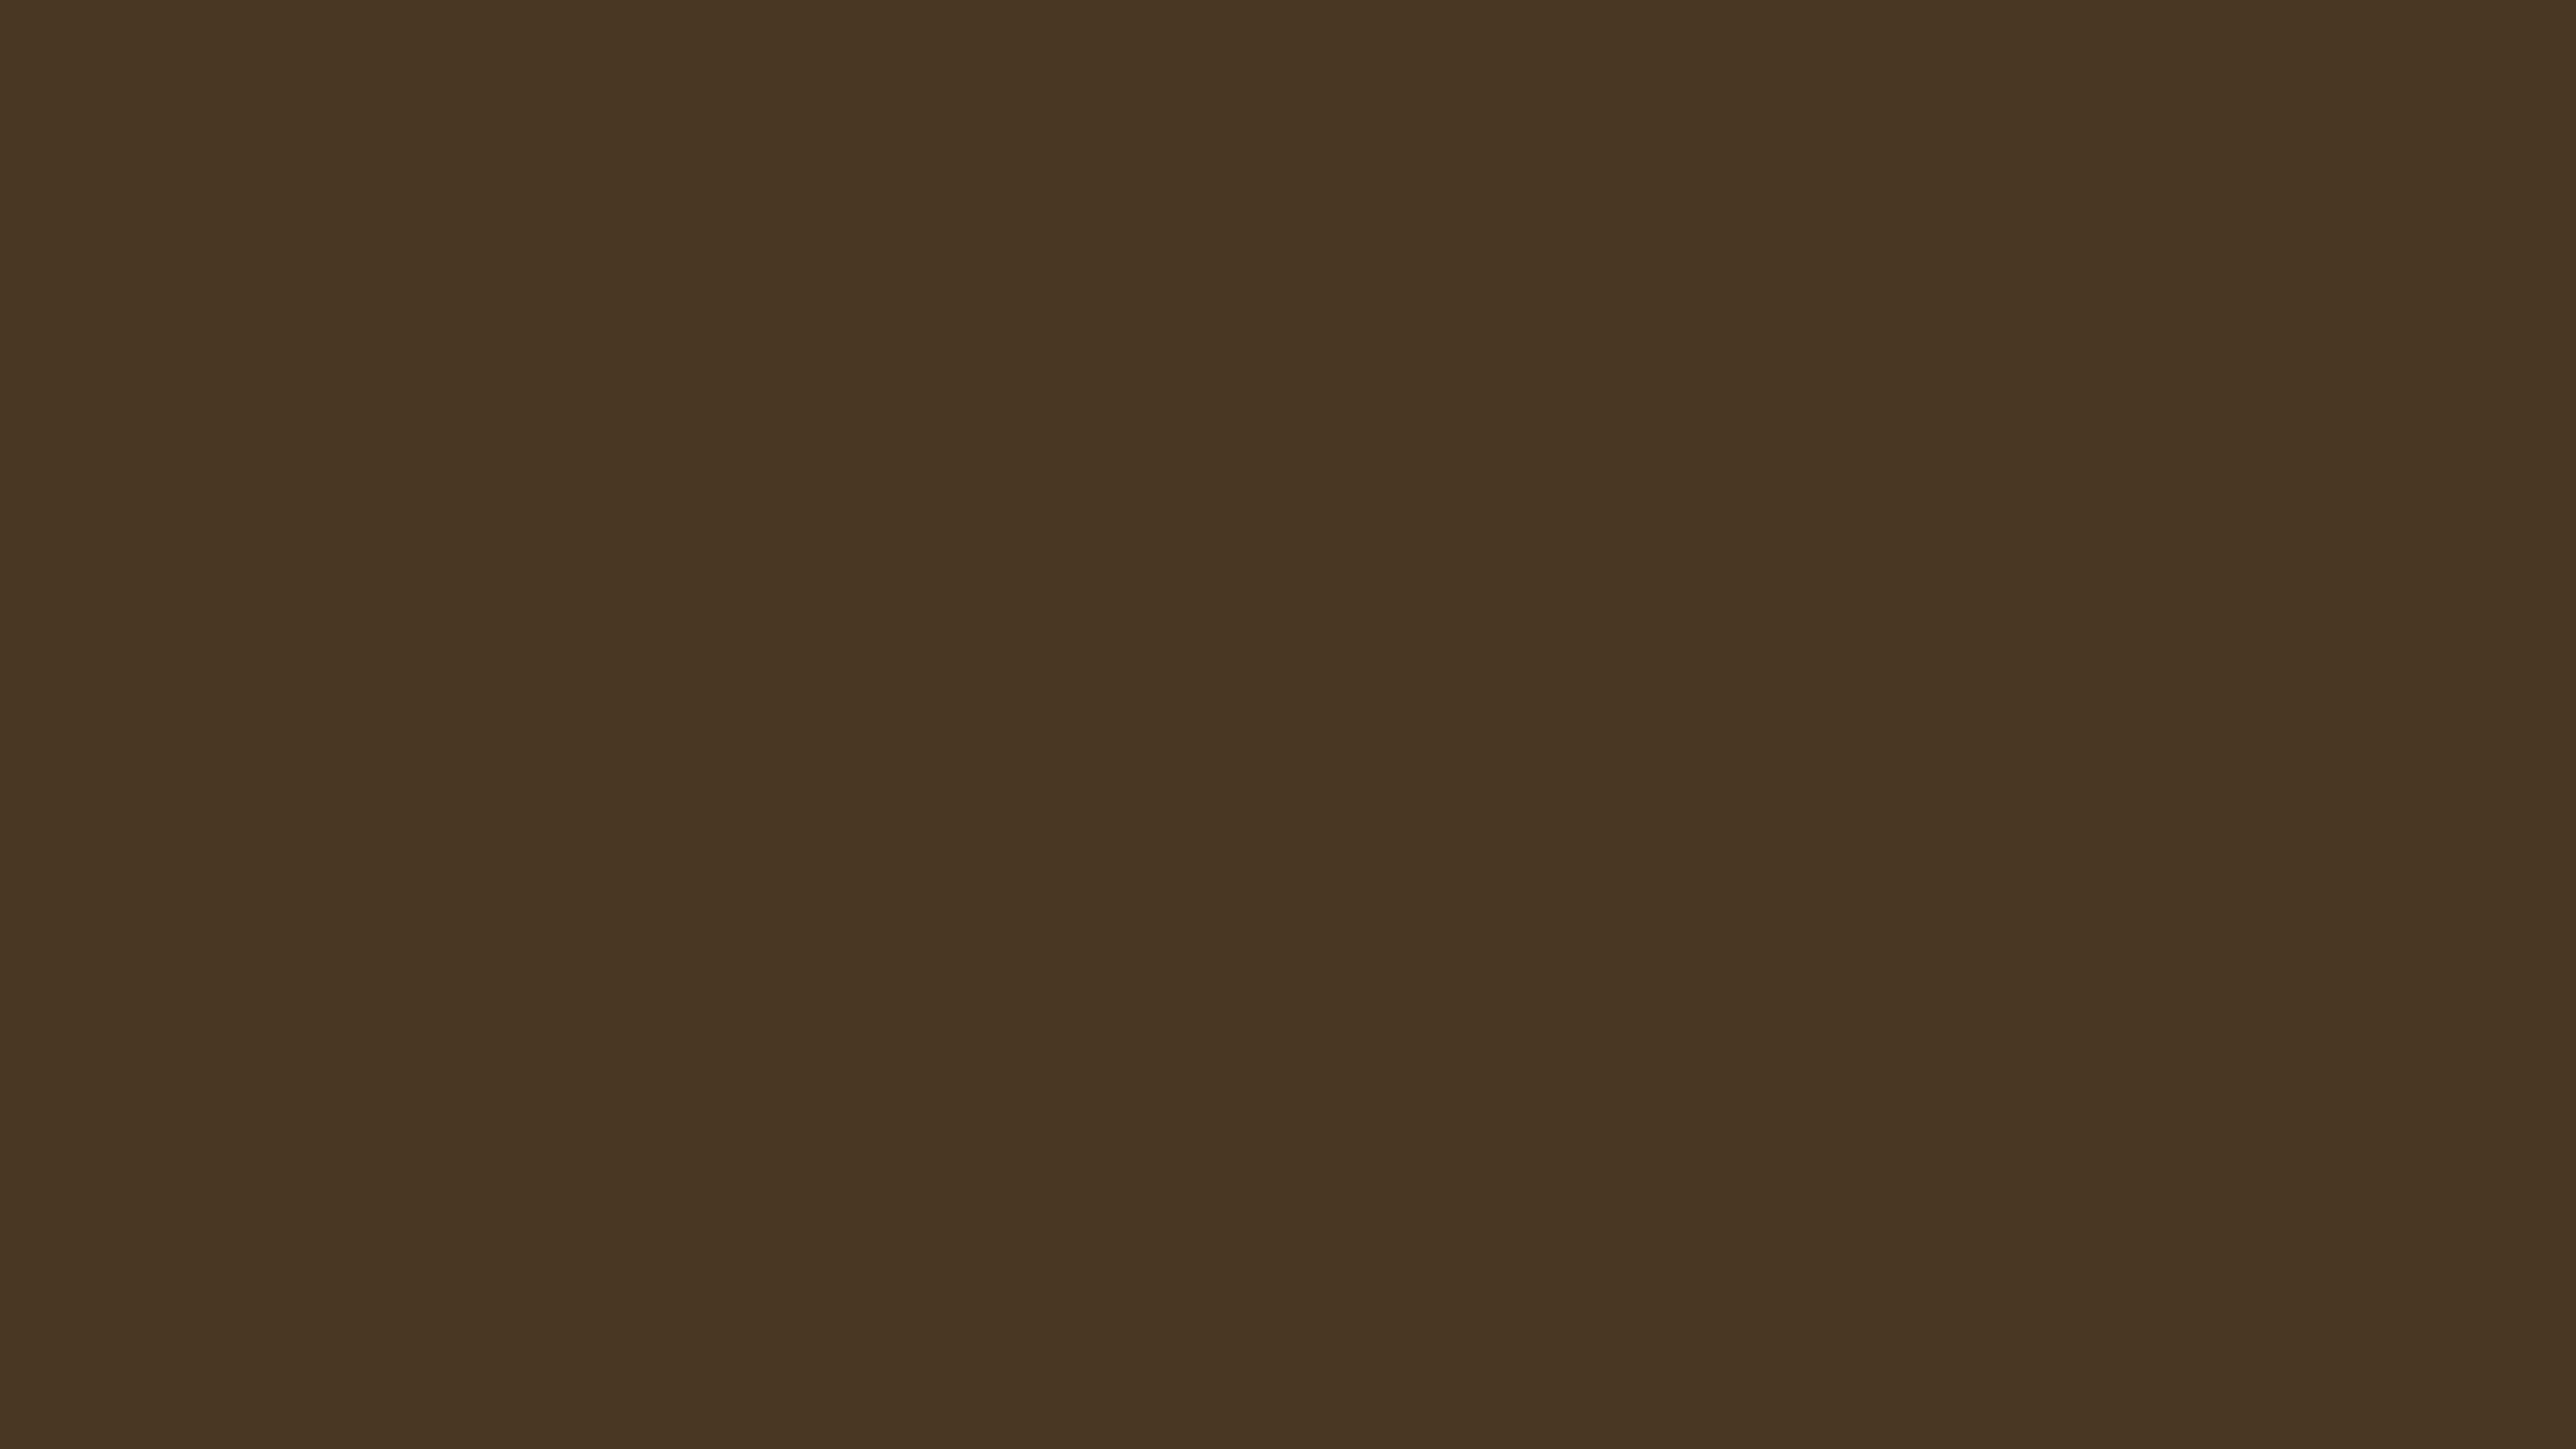 3840x2160 Cafe Noir Solid Color Background